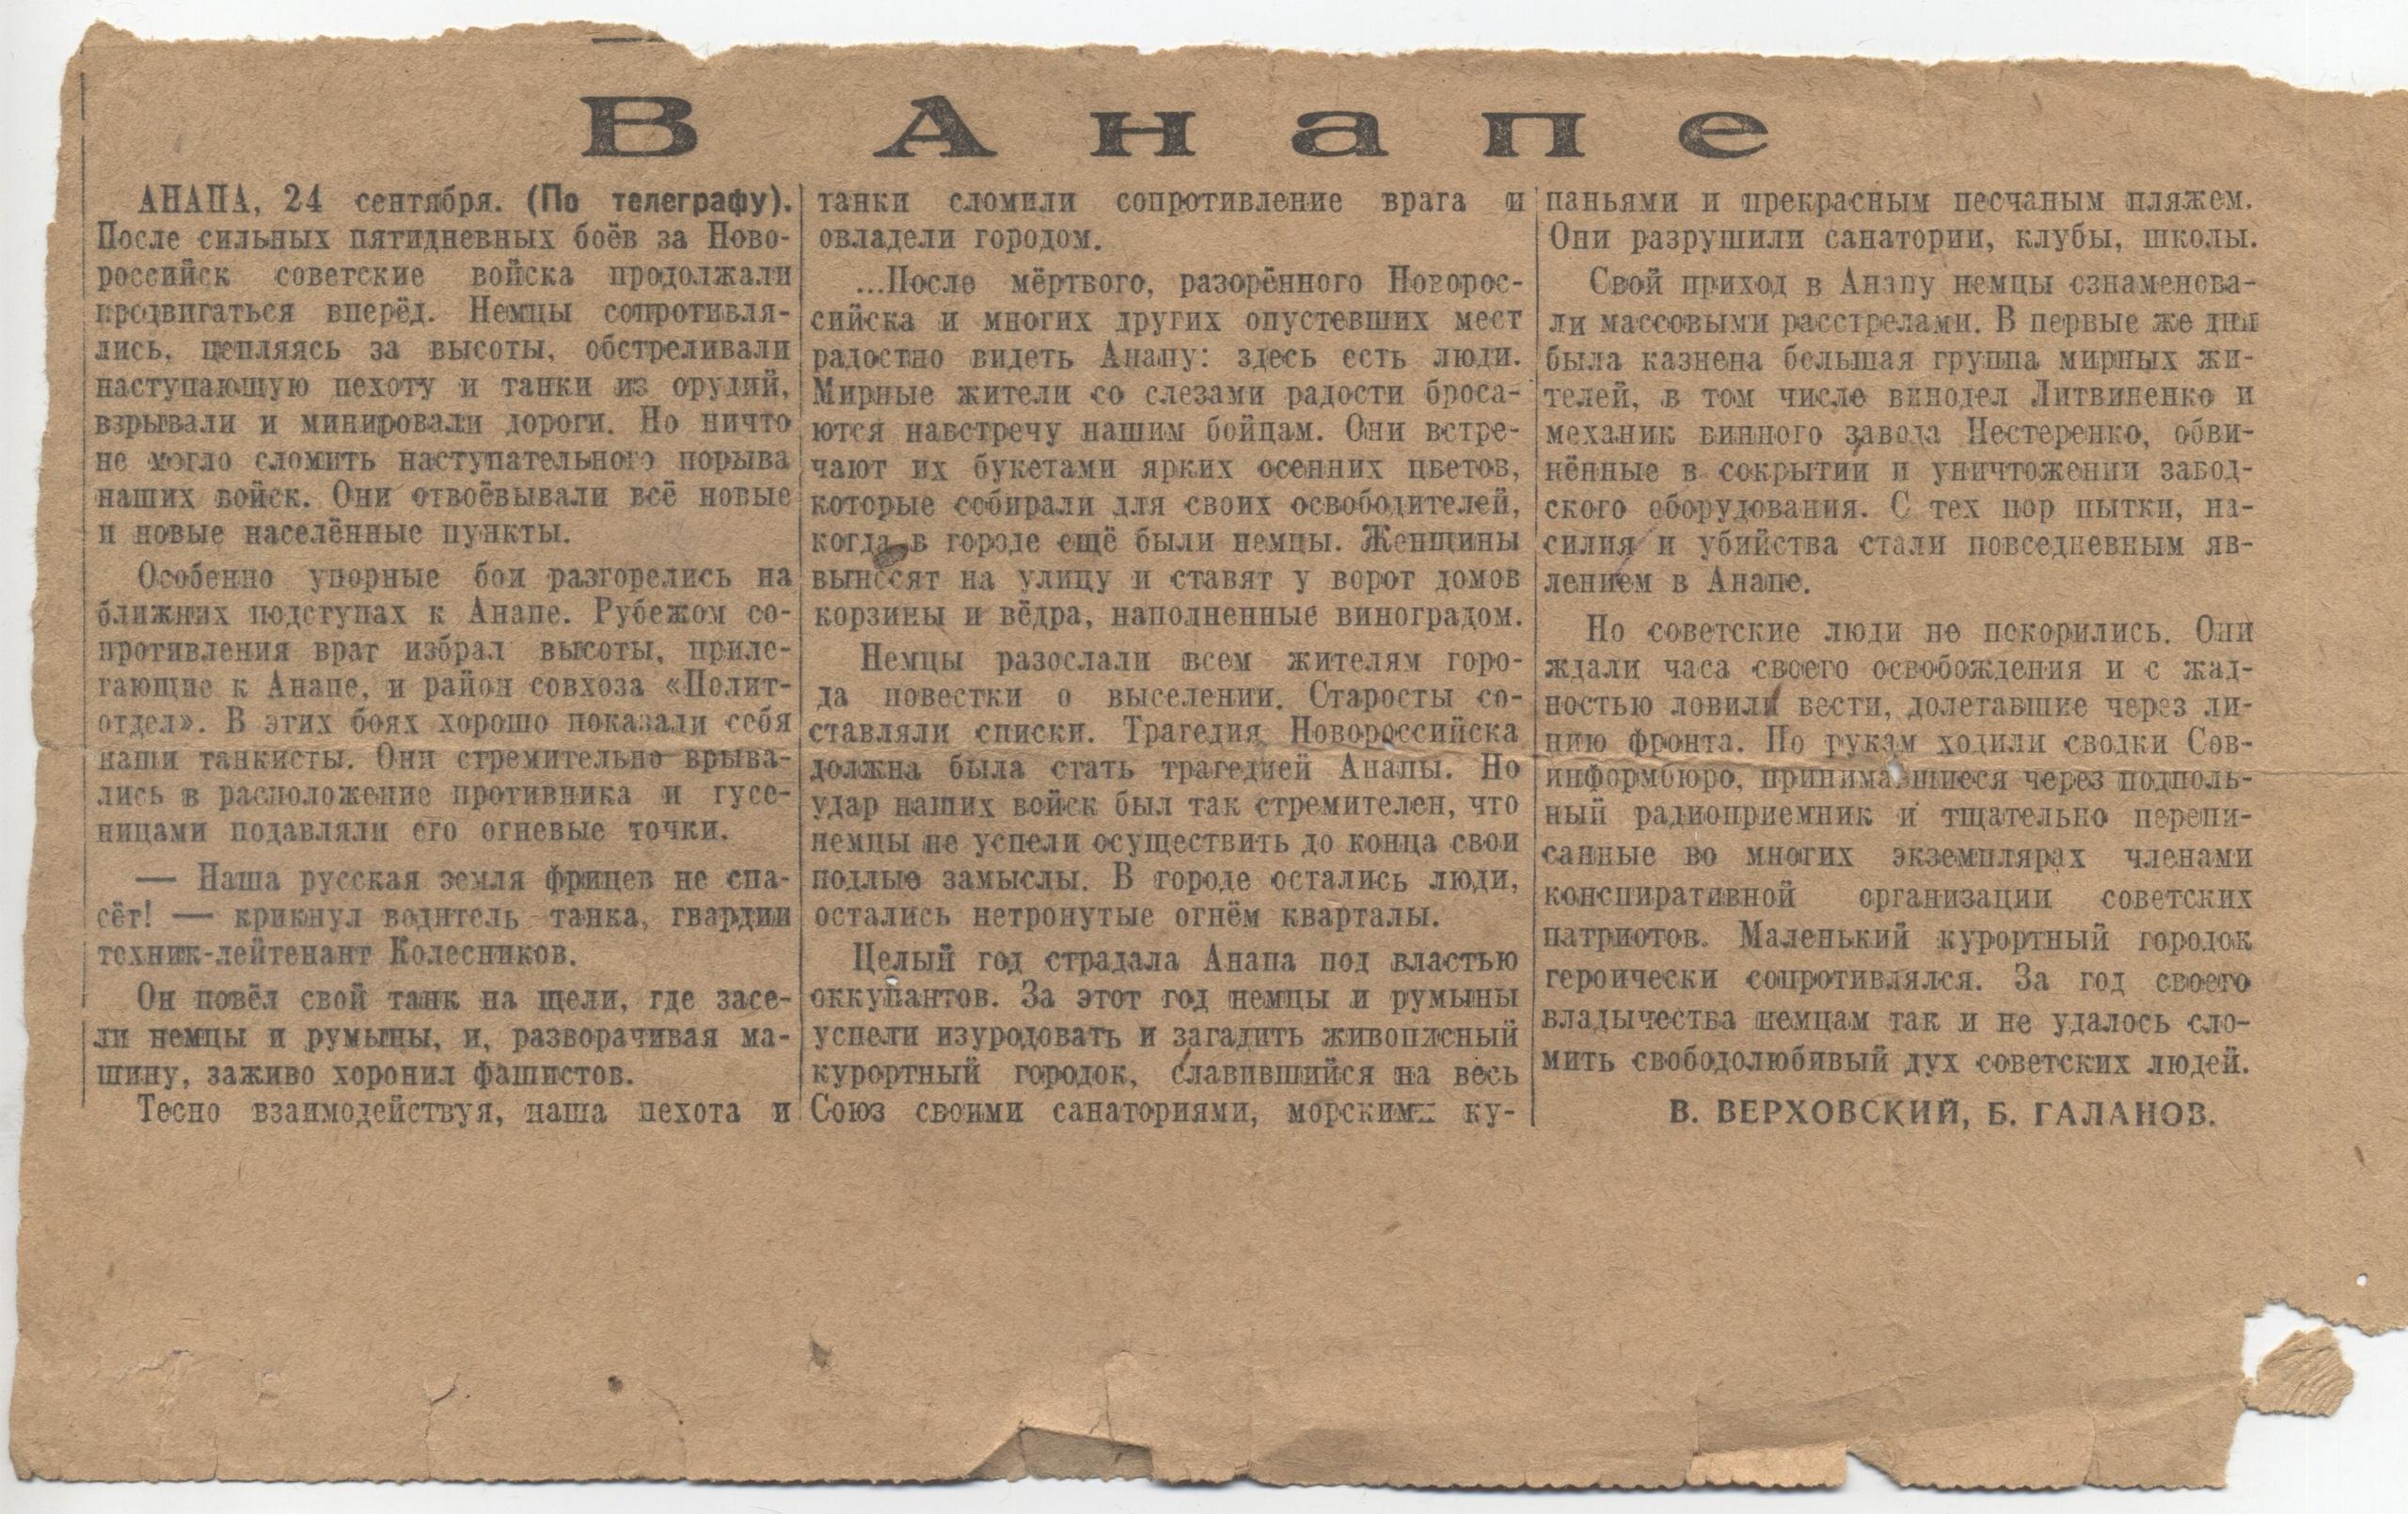 Бюллетени газеты «Знамя колхозника» 1944 года, изображение №6